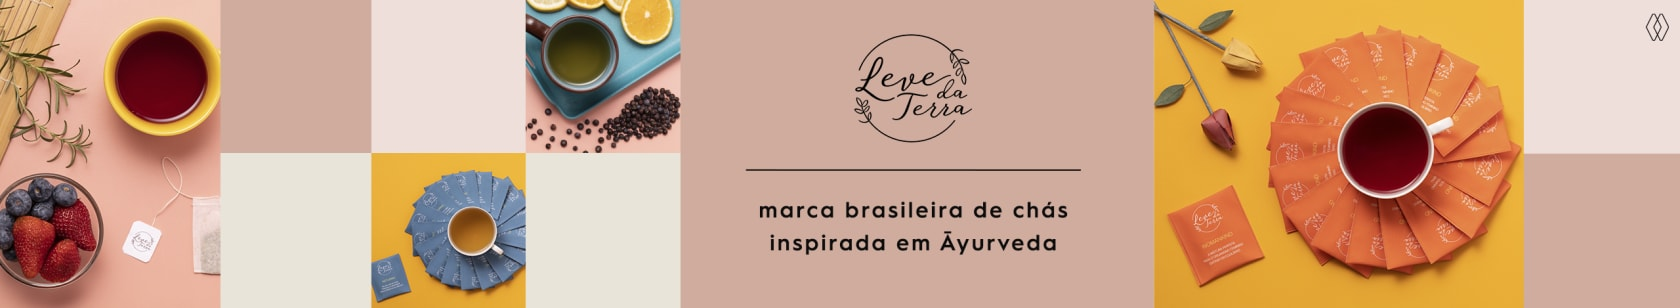 LEVE DA TERRA   AMARO